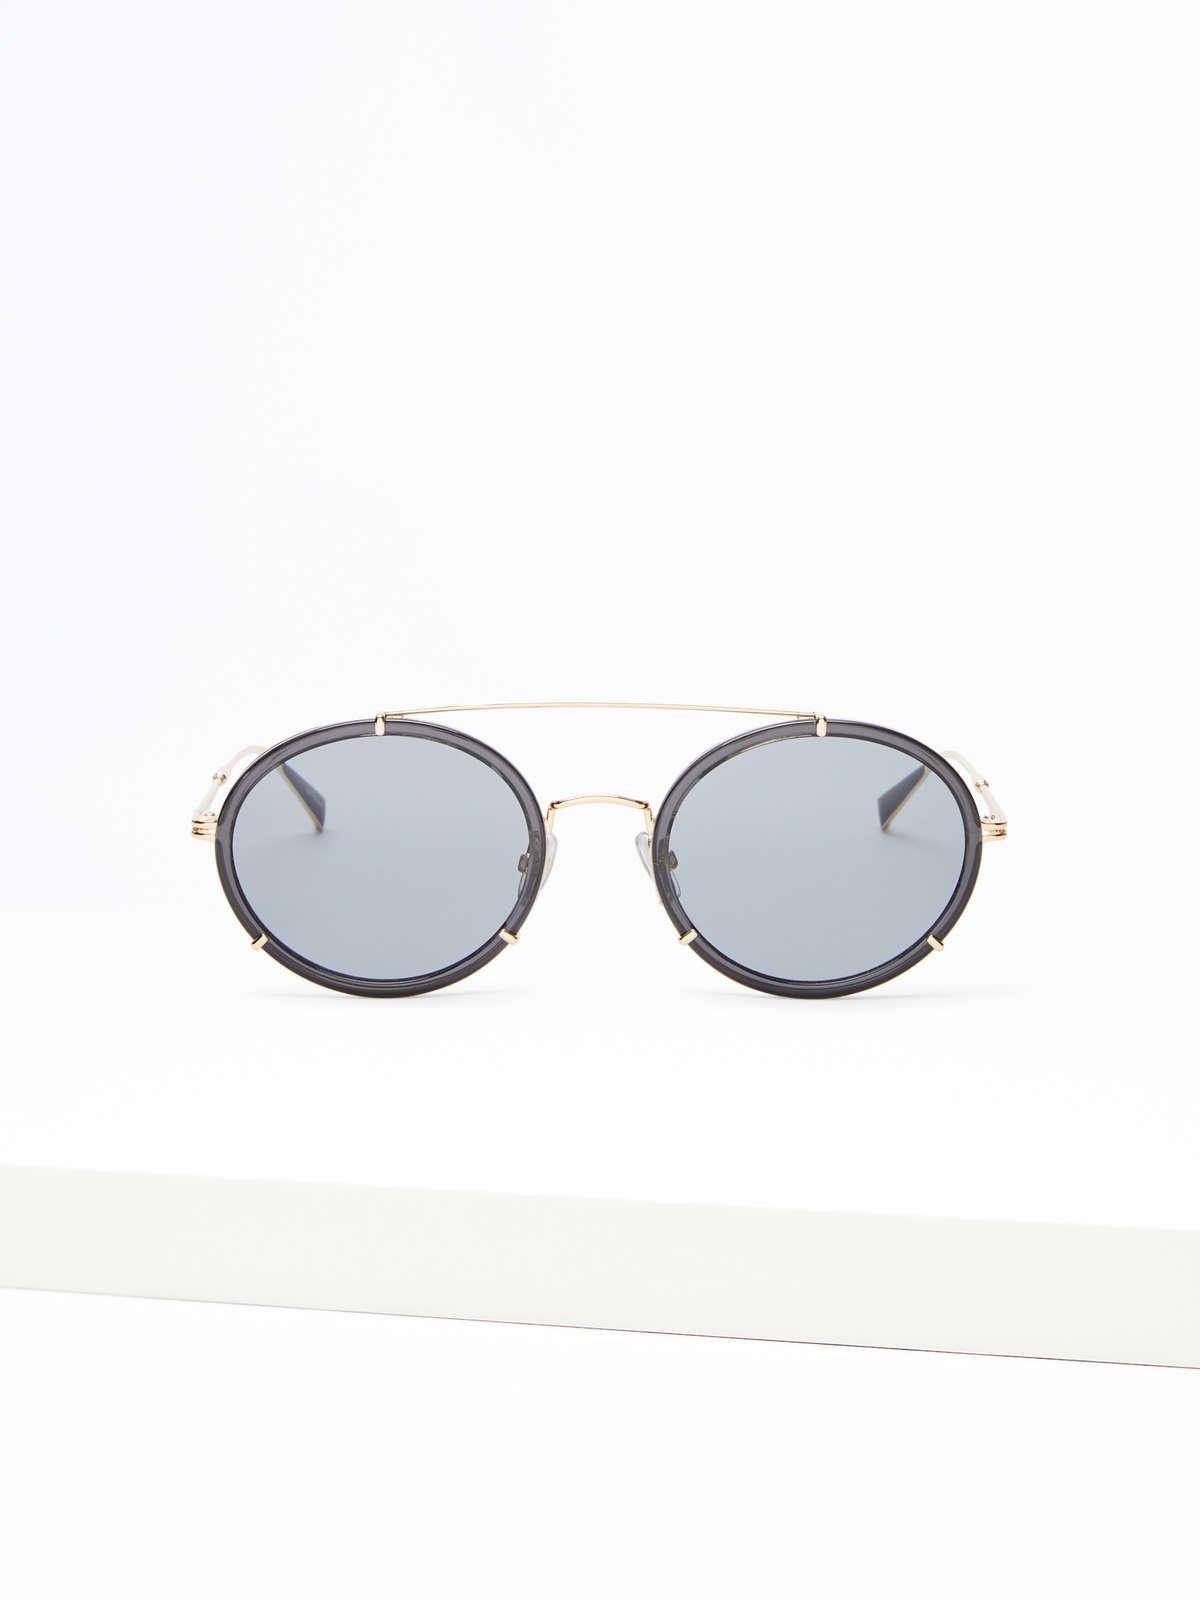 Max Mara - Schmale ovale Sonnenbrille - 6